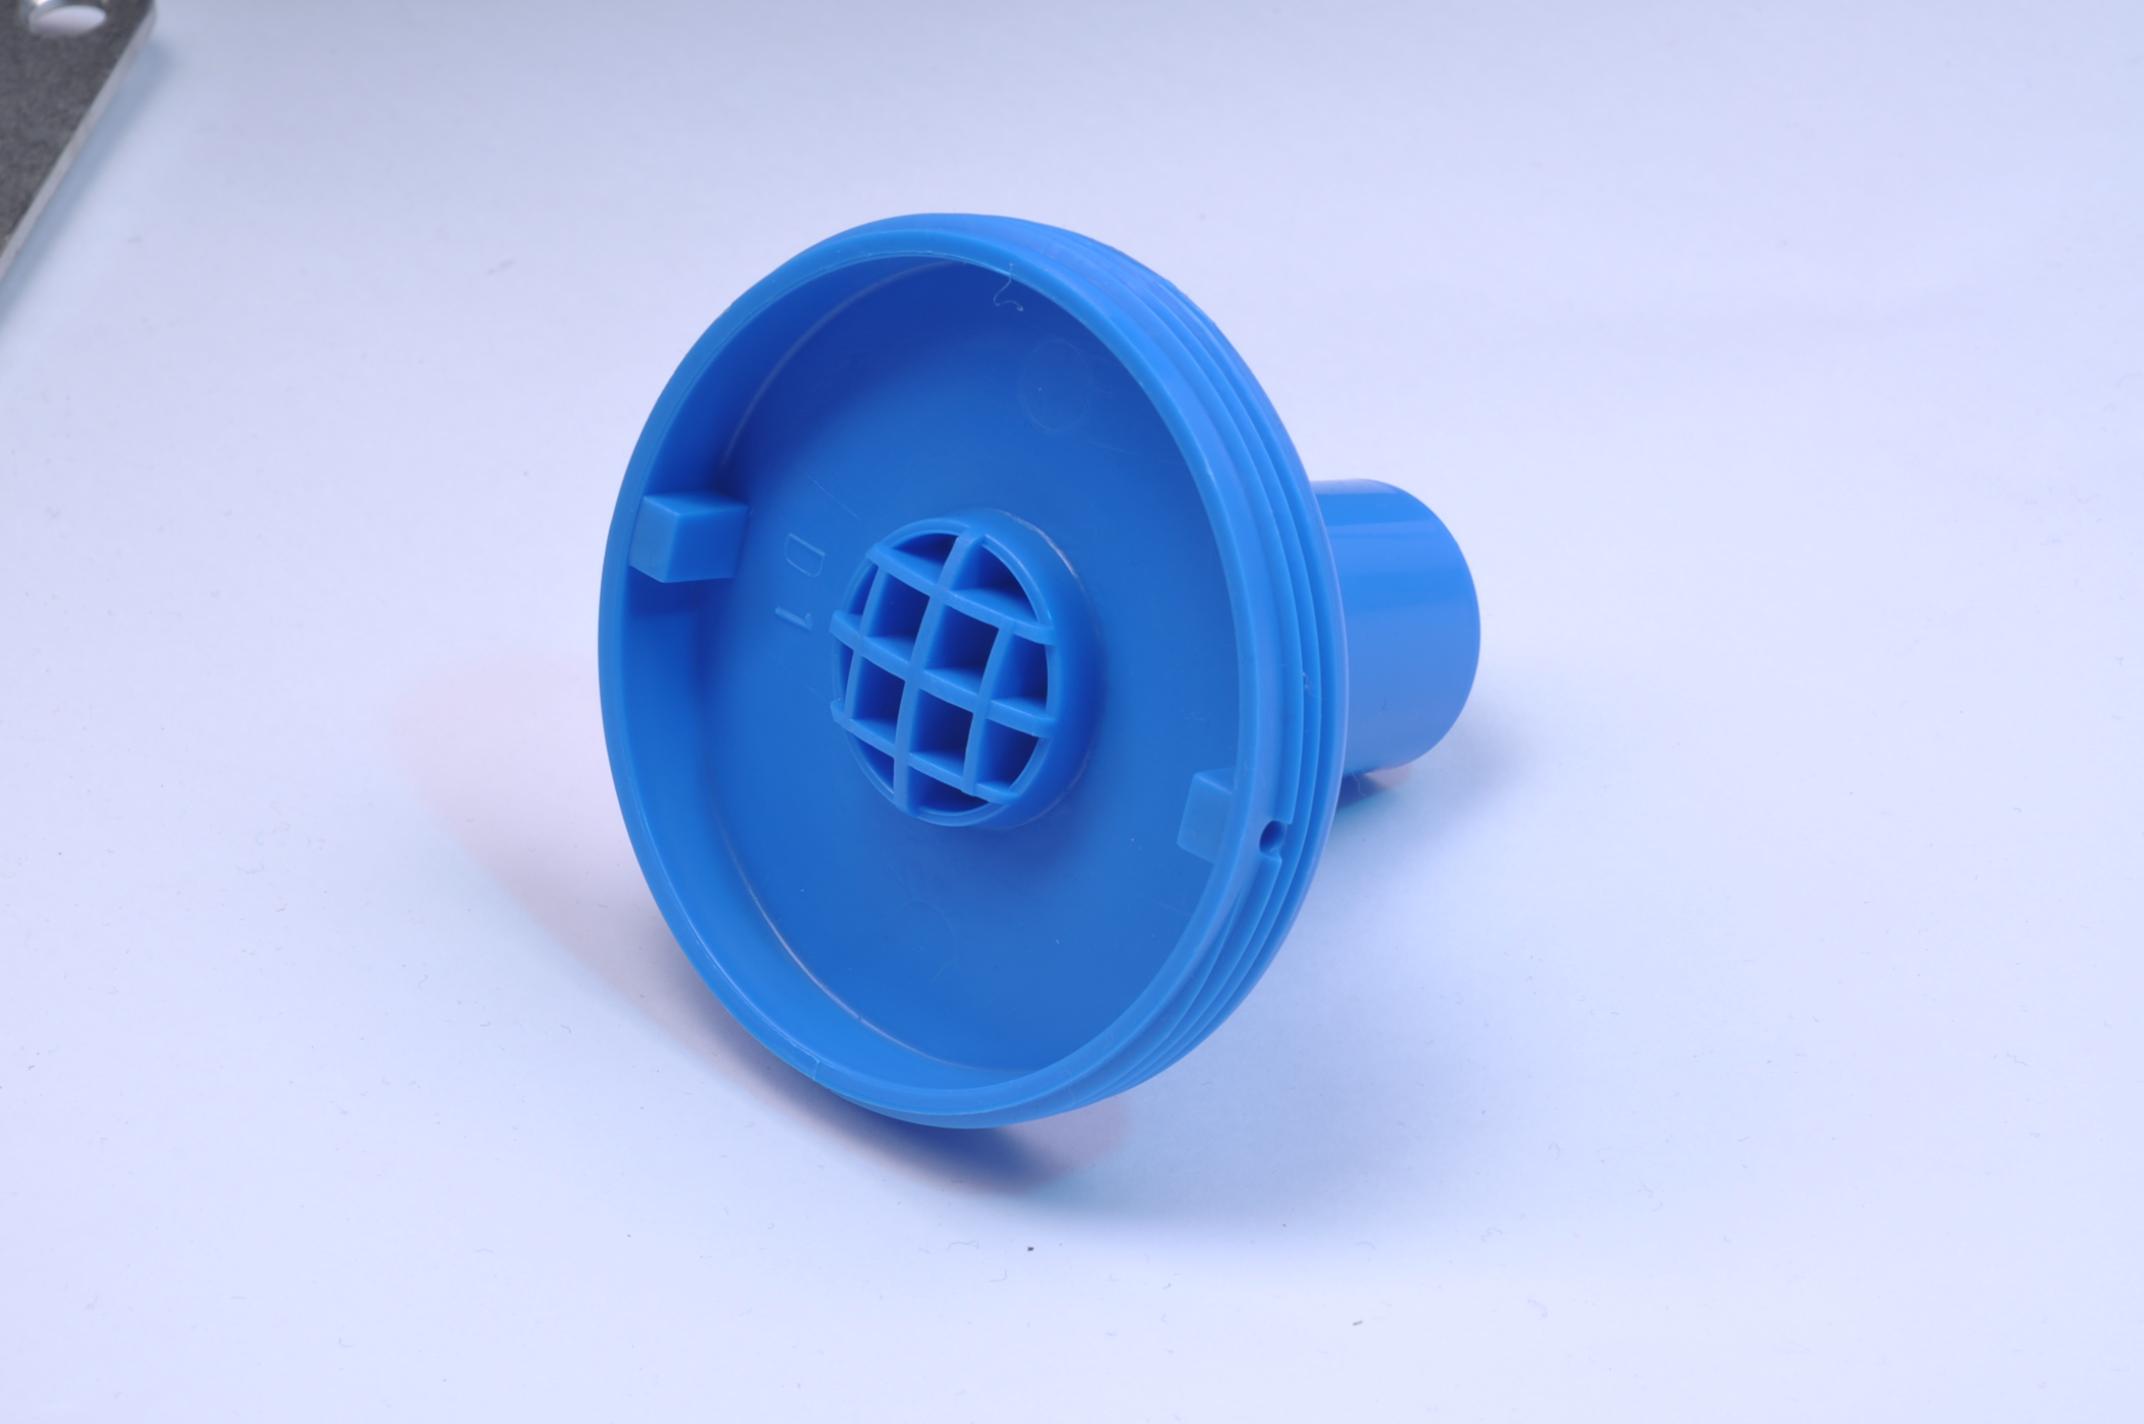 Intex Siebanschluss/Durchführung für Pools mit Schlauchanschluss Ø 32 mm